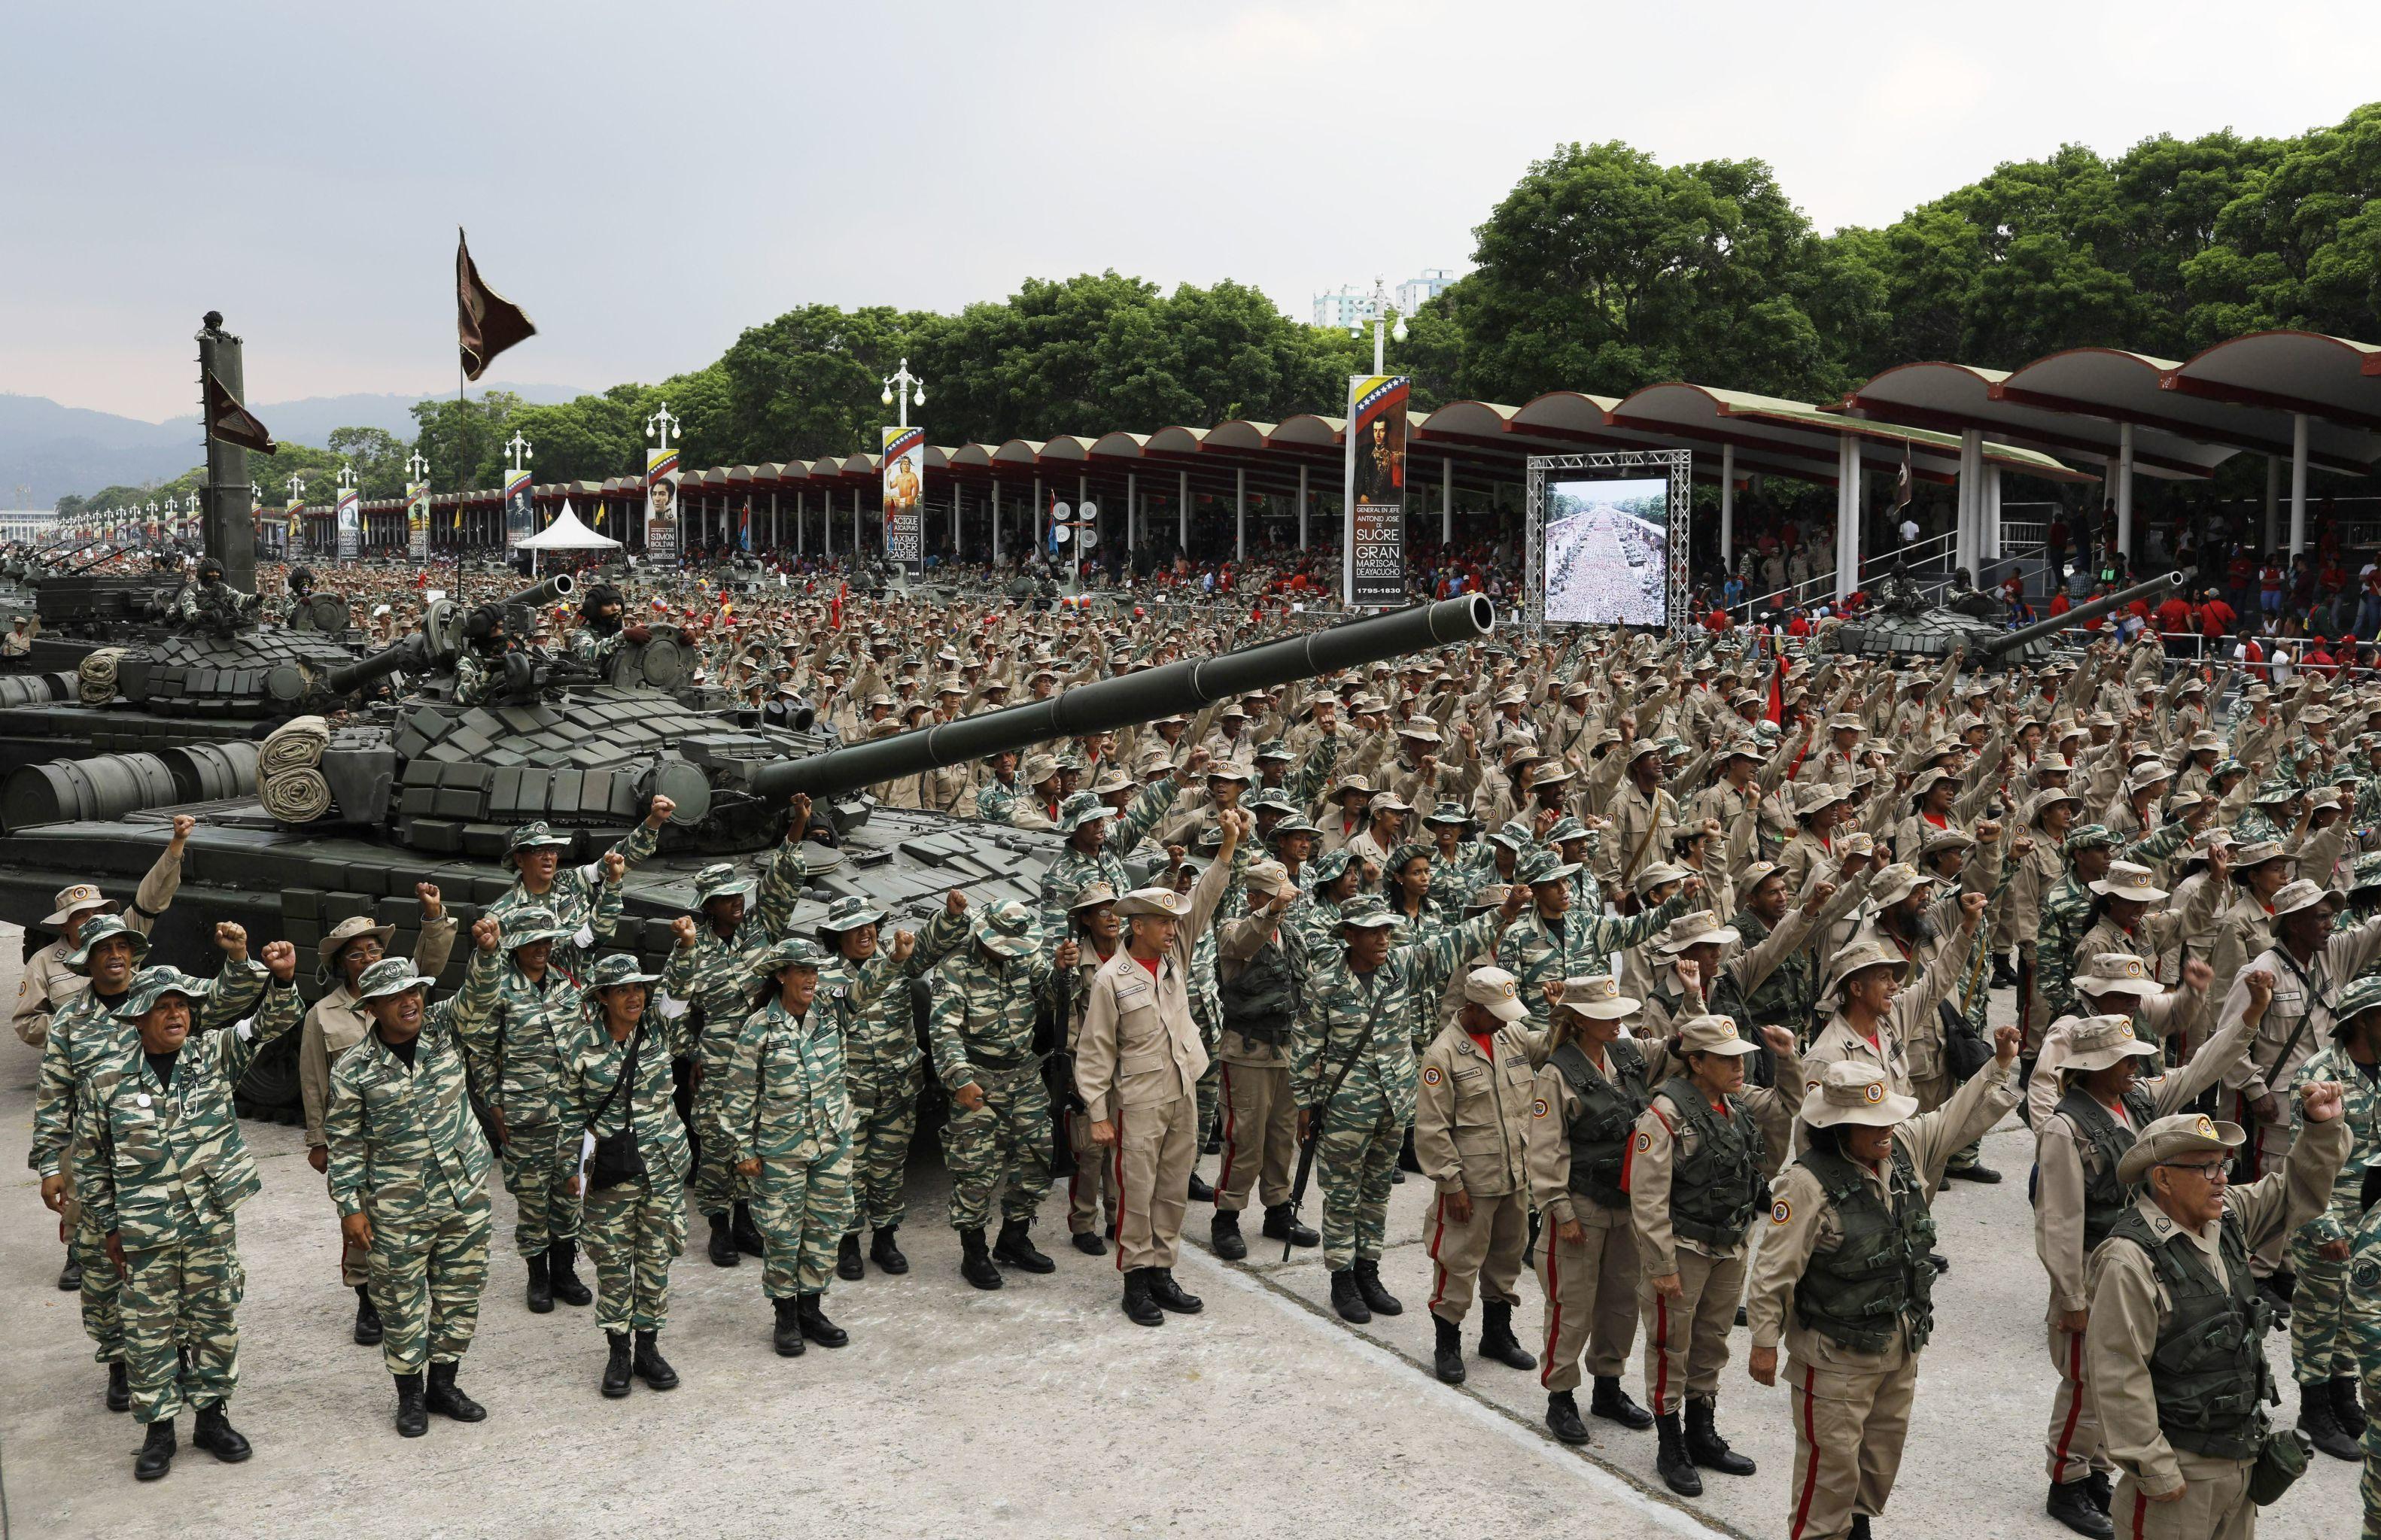 Membros da Força Armada Nacional Bolivariana durante celebração do seu décimo aniversário em Caracas, Venezuela, 13 de abril de 2019